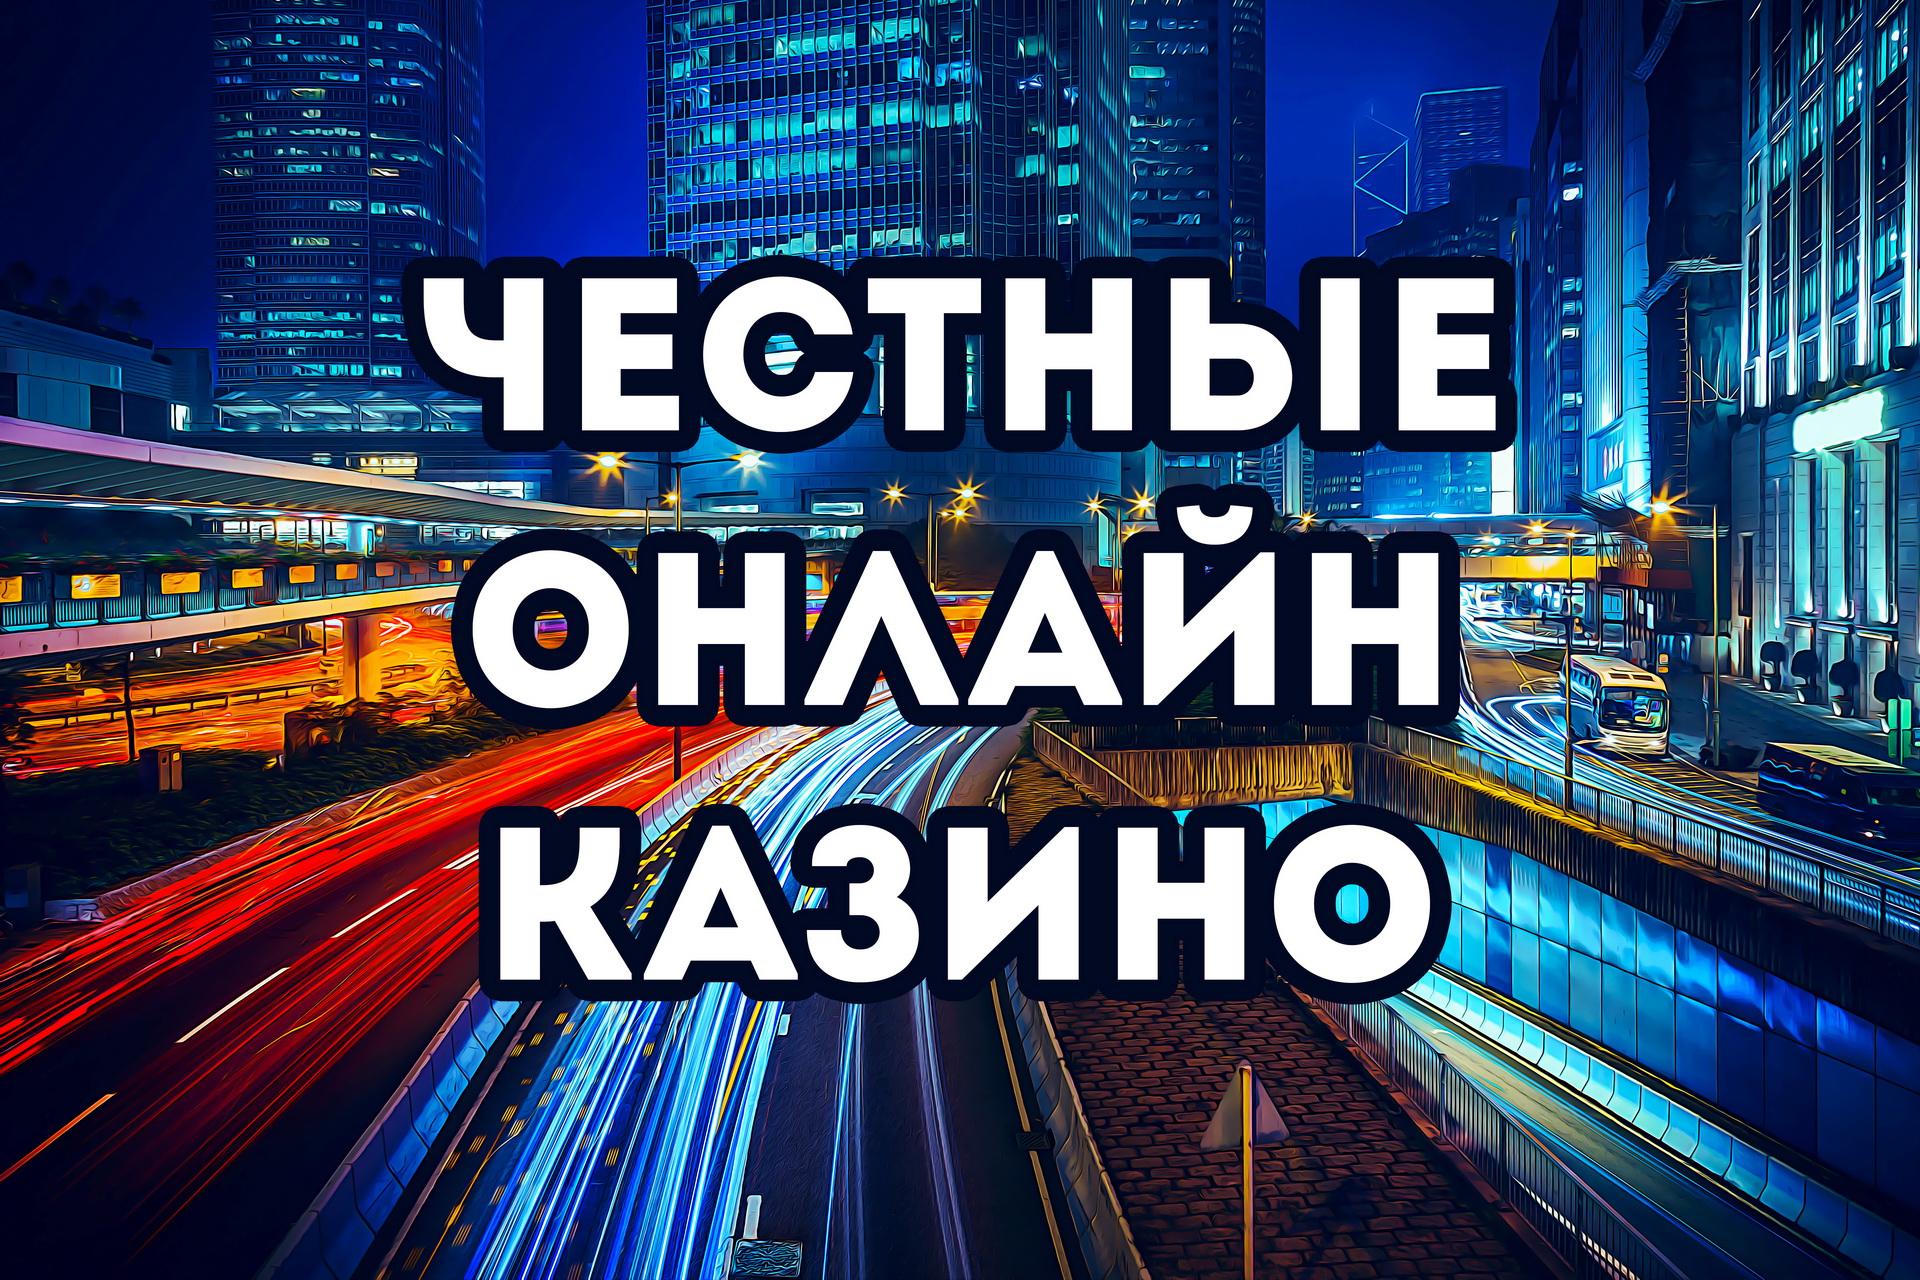 Список лицензионных виртуальных казино России в 2018-2019-м году